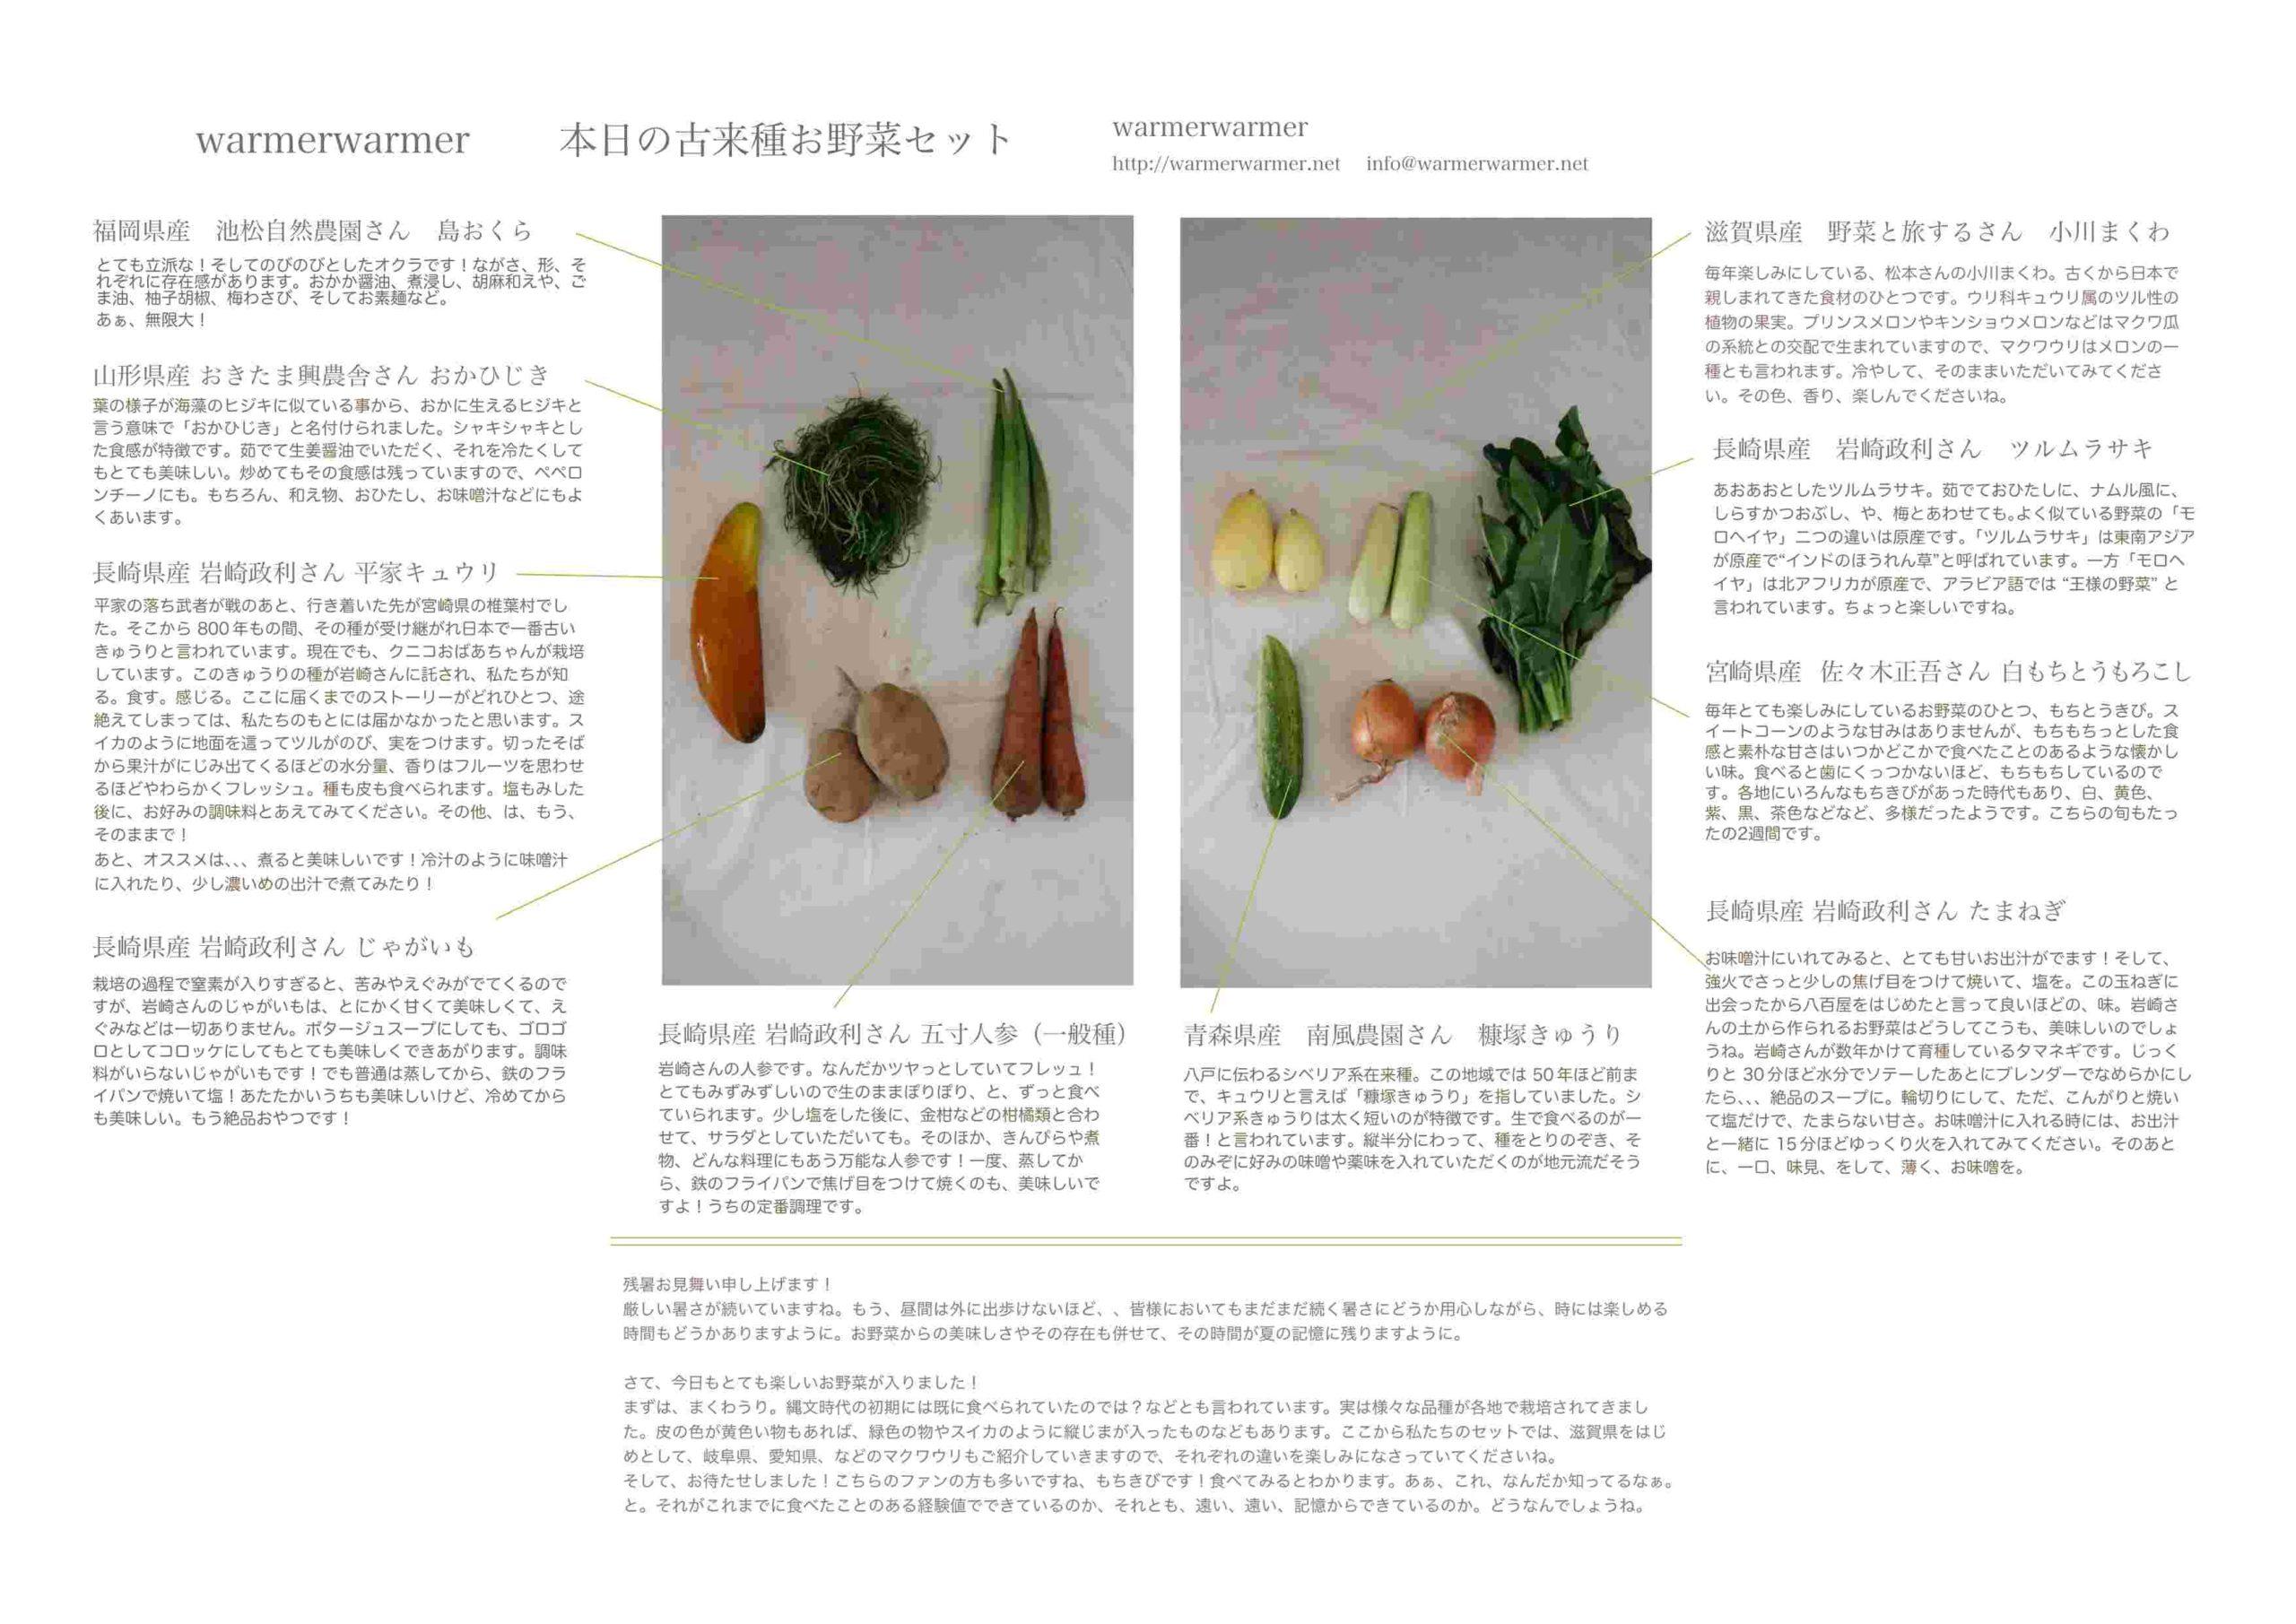 8月6日 本日のお野菜セットの内容です。